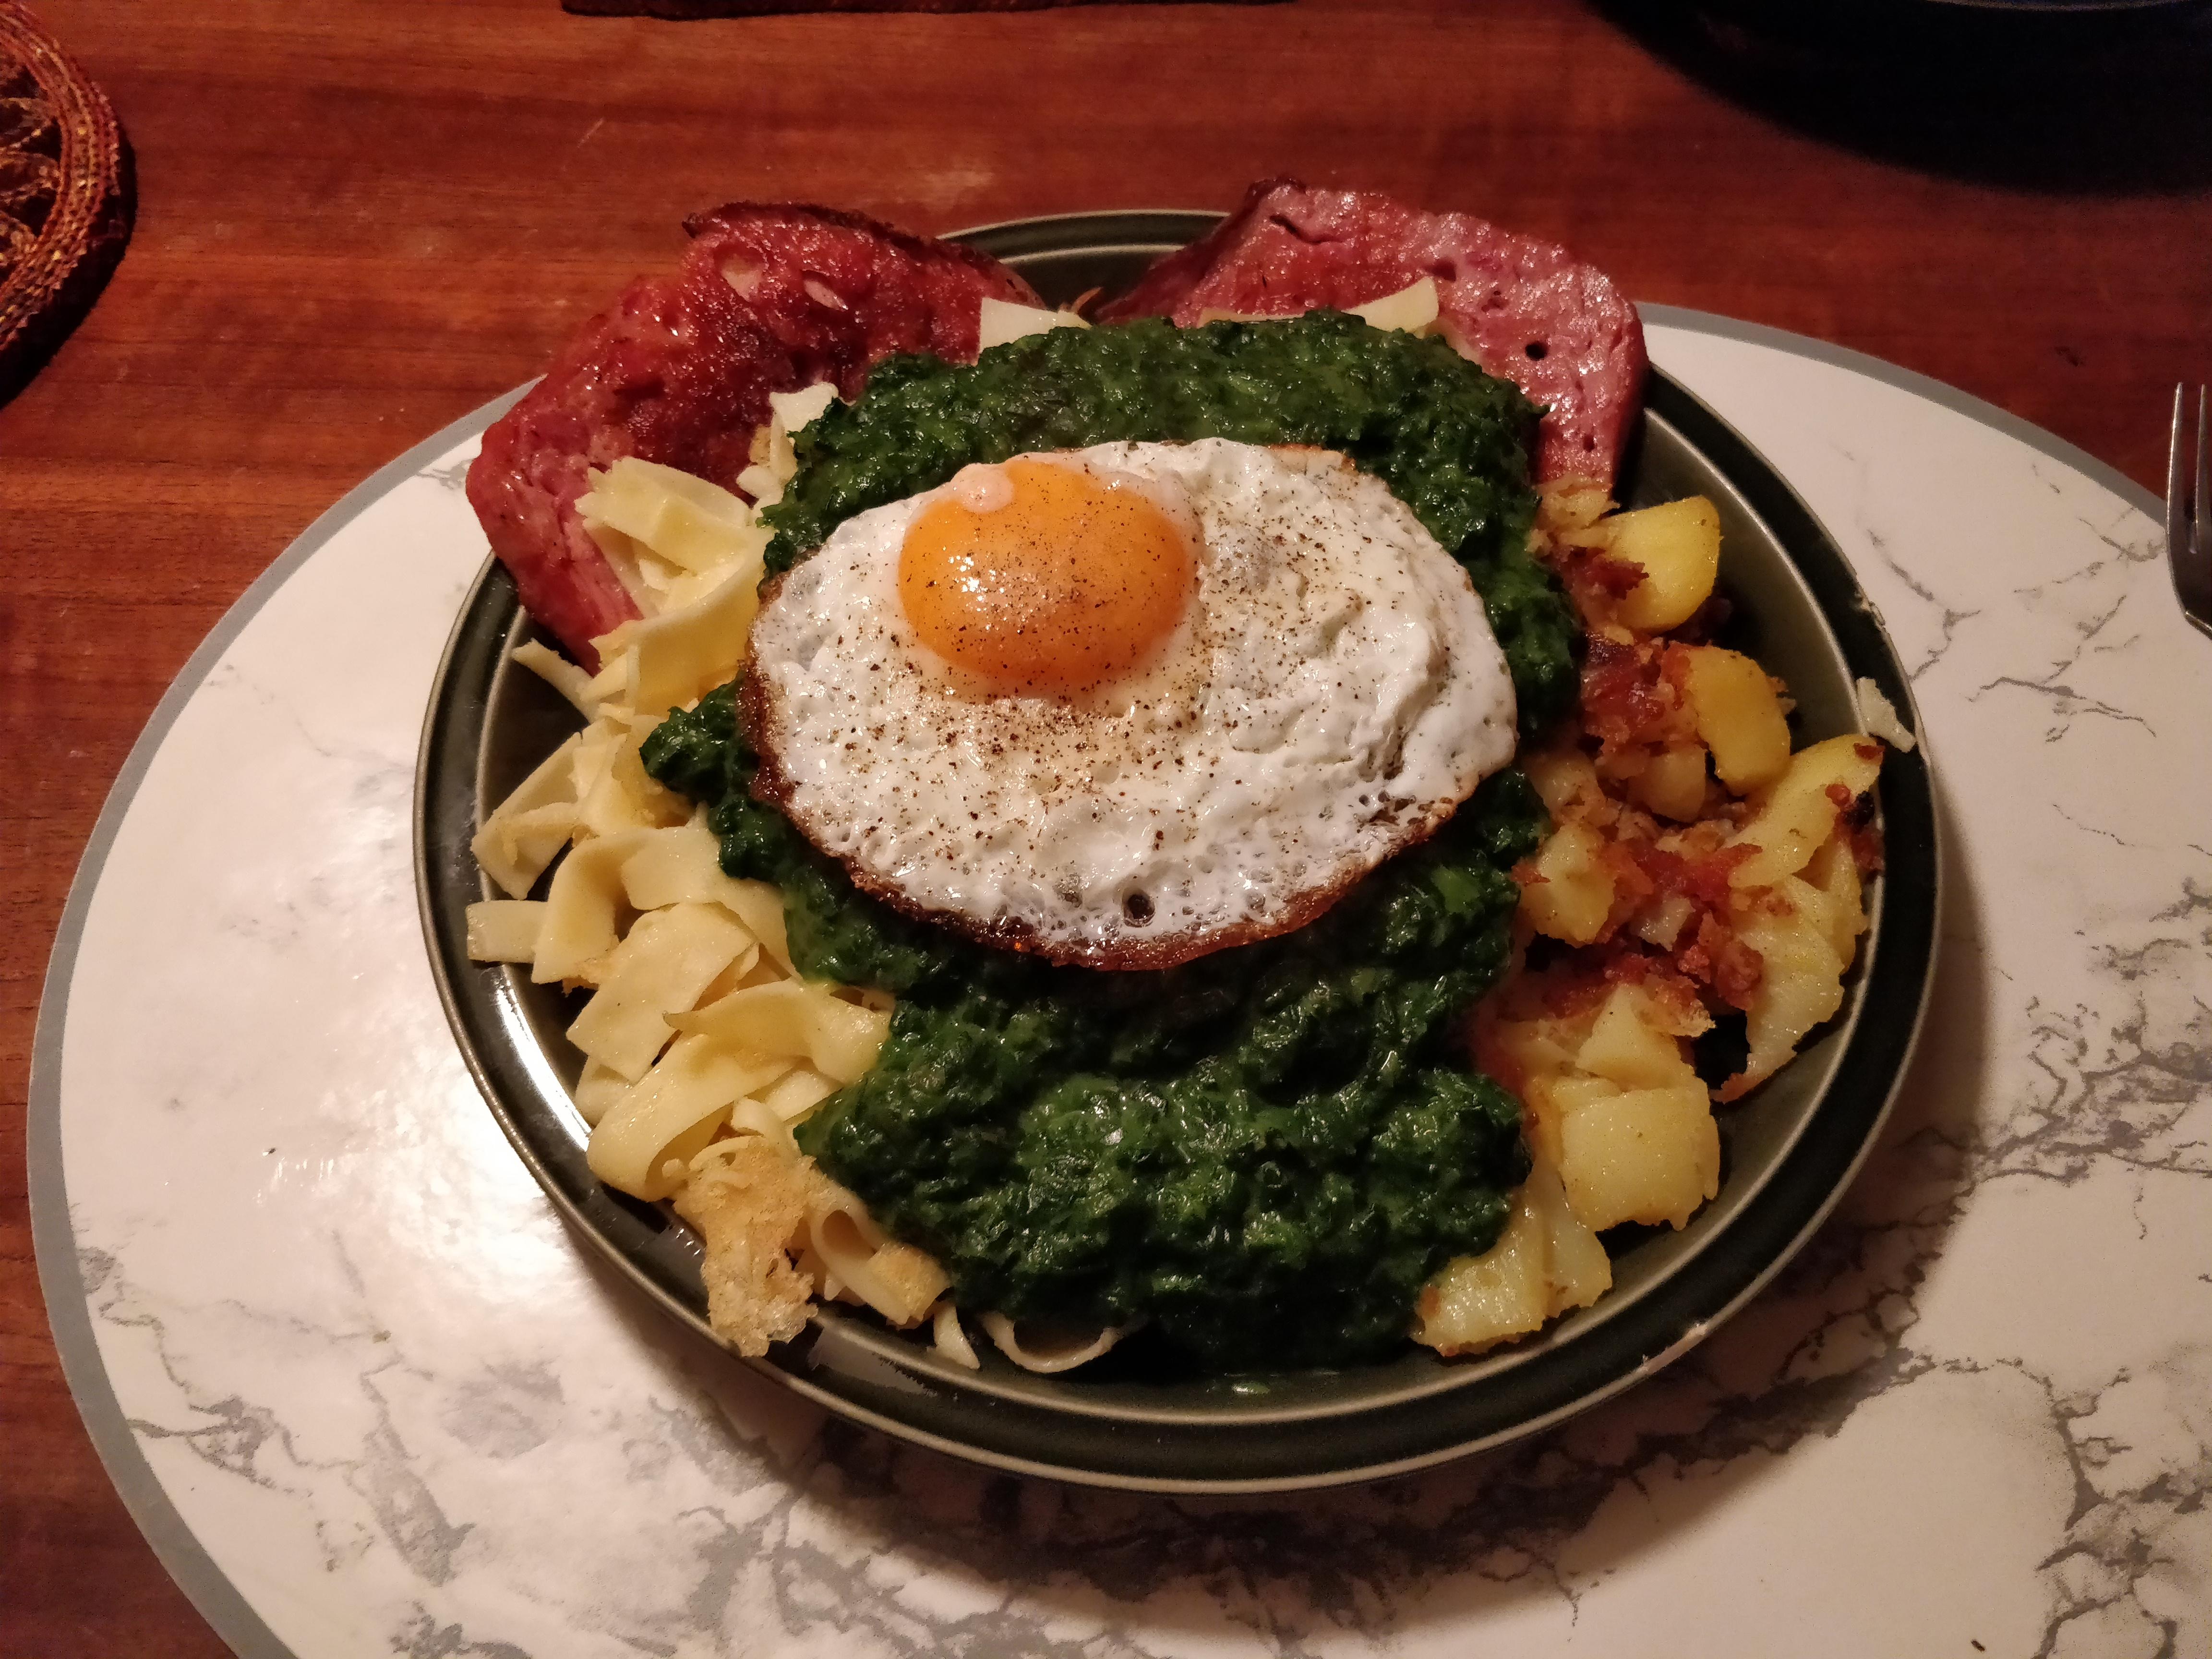 https://foodloader.net/nico_2017-10-04_fleischkaese-nudeln-bratkartoffeln-spinat-spiegelei.jpg